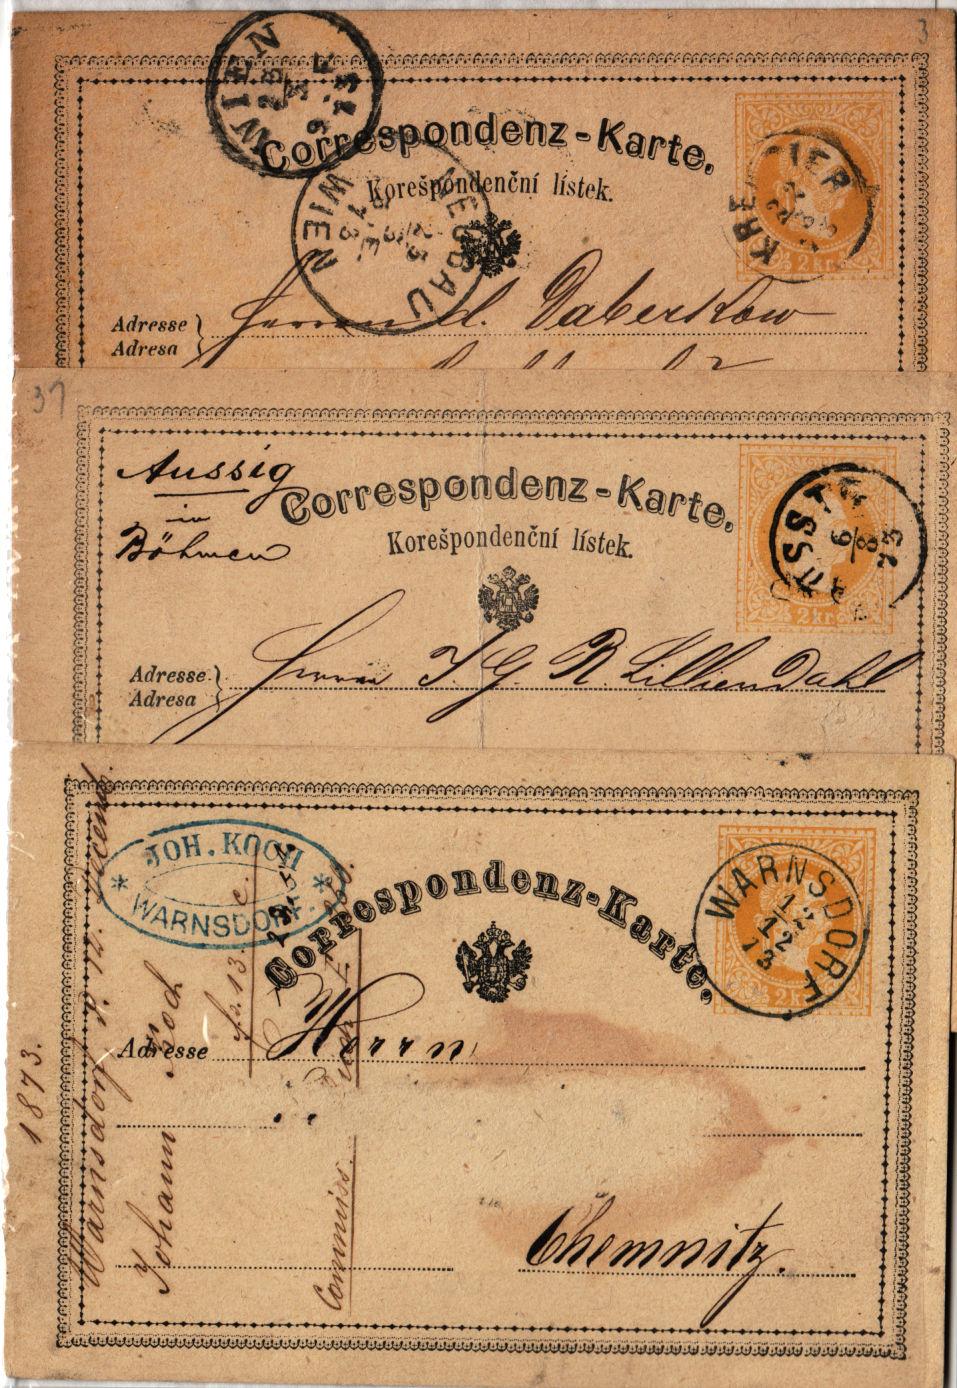 187. 3Korr-Karte, mit KREMSIER, AUSSIG und WARNSDORF Stempeln. - <span itemprop='availableAtOrFrom'>Eberau, Österreich</span> - 187. 3Korr-Karte, mit KREMSIER, AUSSIG und WARNSDORF Stempeln. - Eberau, Österreich